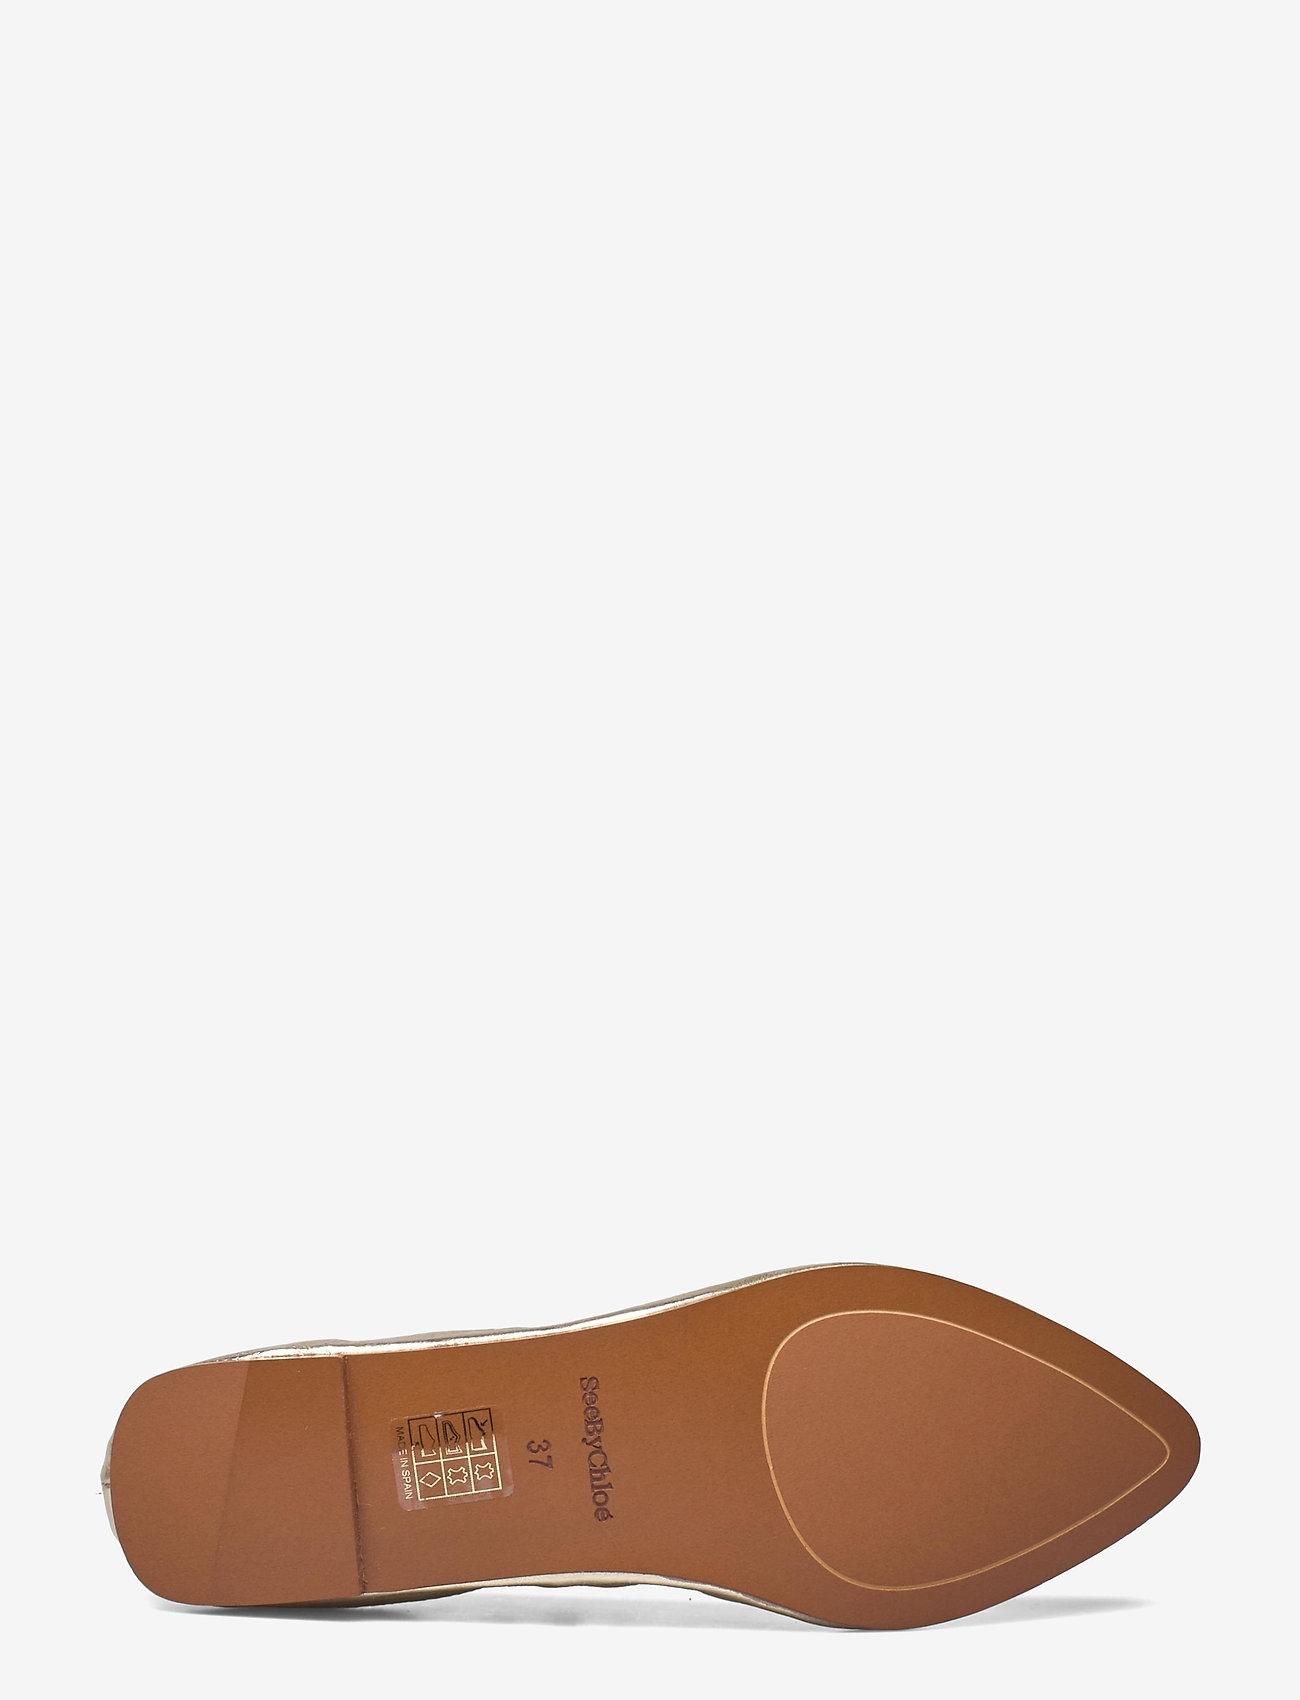 See by Chloé - JANE - schoenen - orochiaro - 4